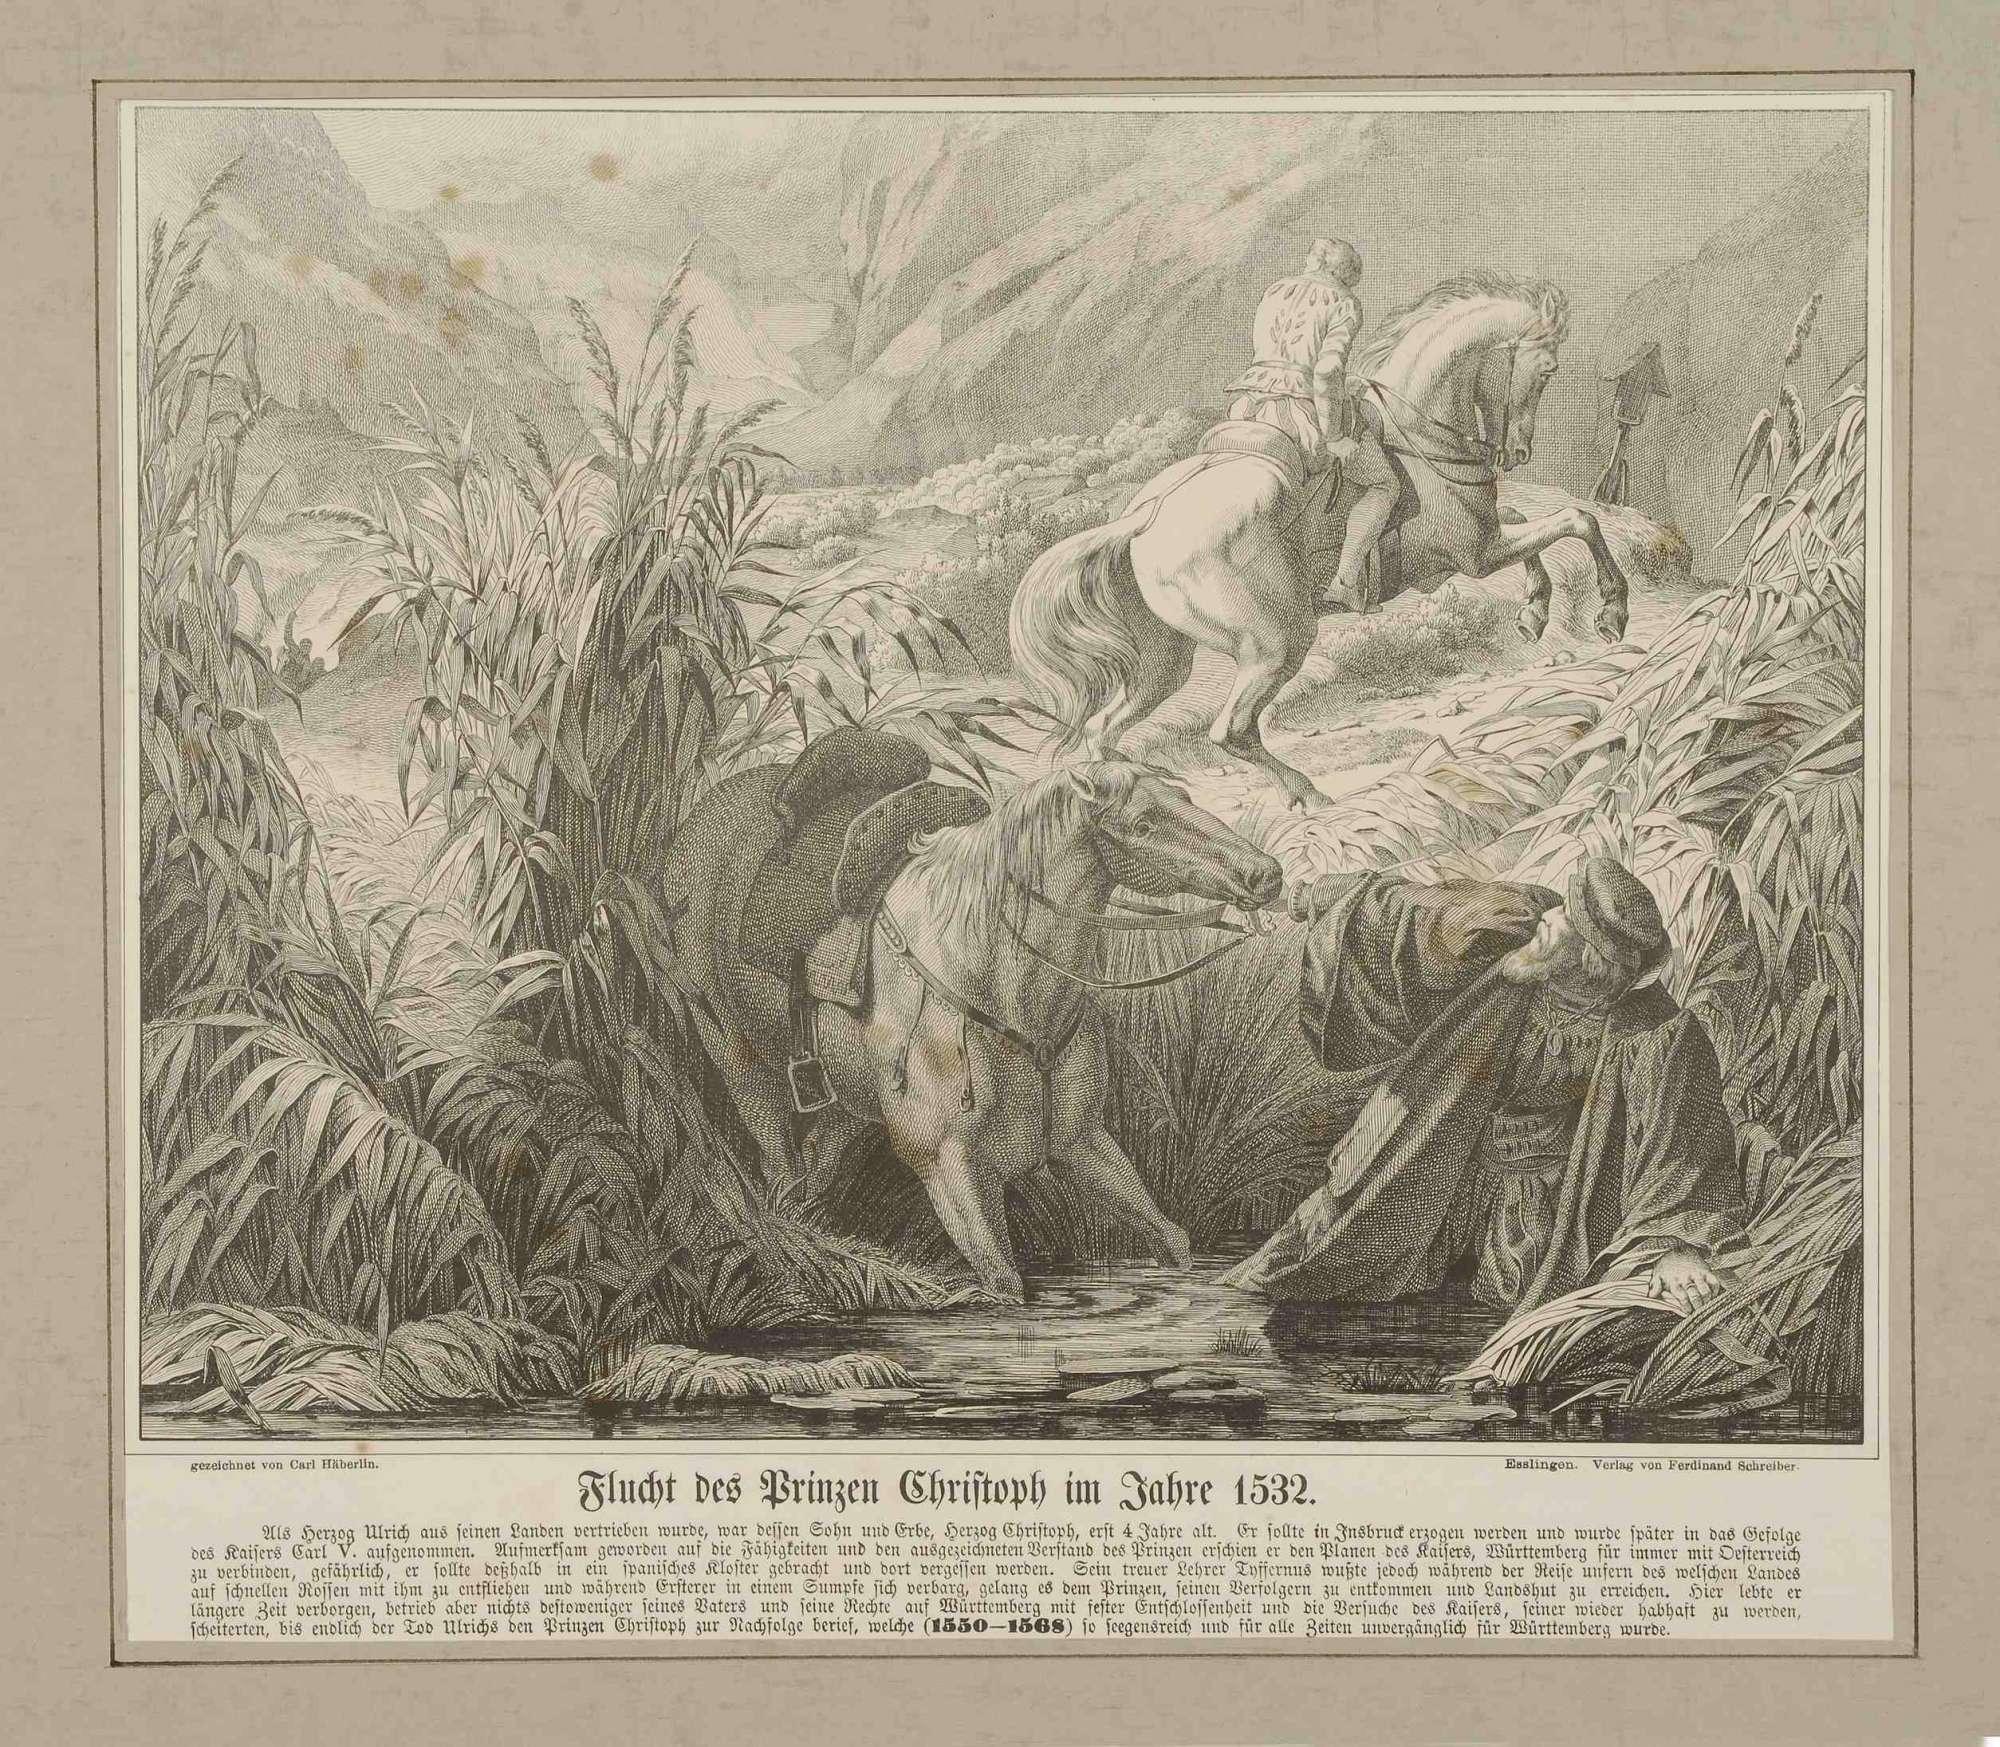 Prinz Christoph von Württemberg entzieht sich der Gefangennahme durch Kaiser Karl V. 1532 durch Flucht zusammen mit Lehrer Tyffernus, beide zu Pferd, in württembergischen Sümpfen, Bild 1